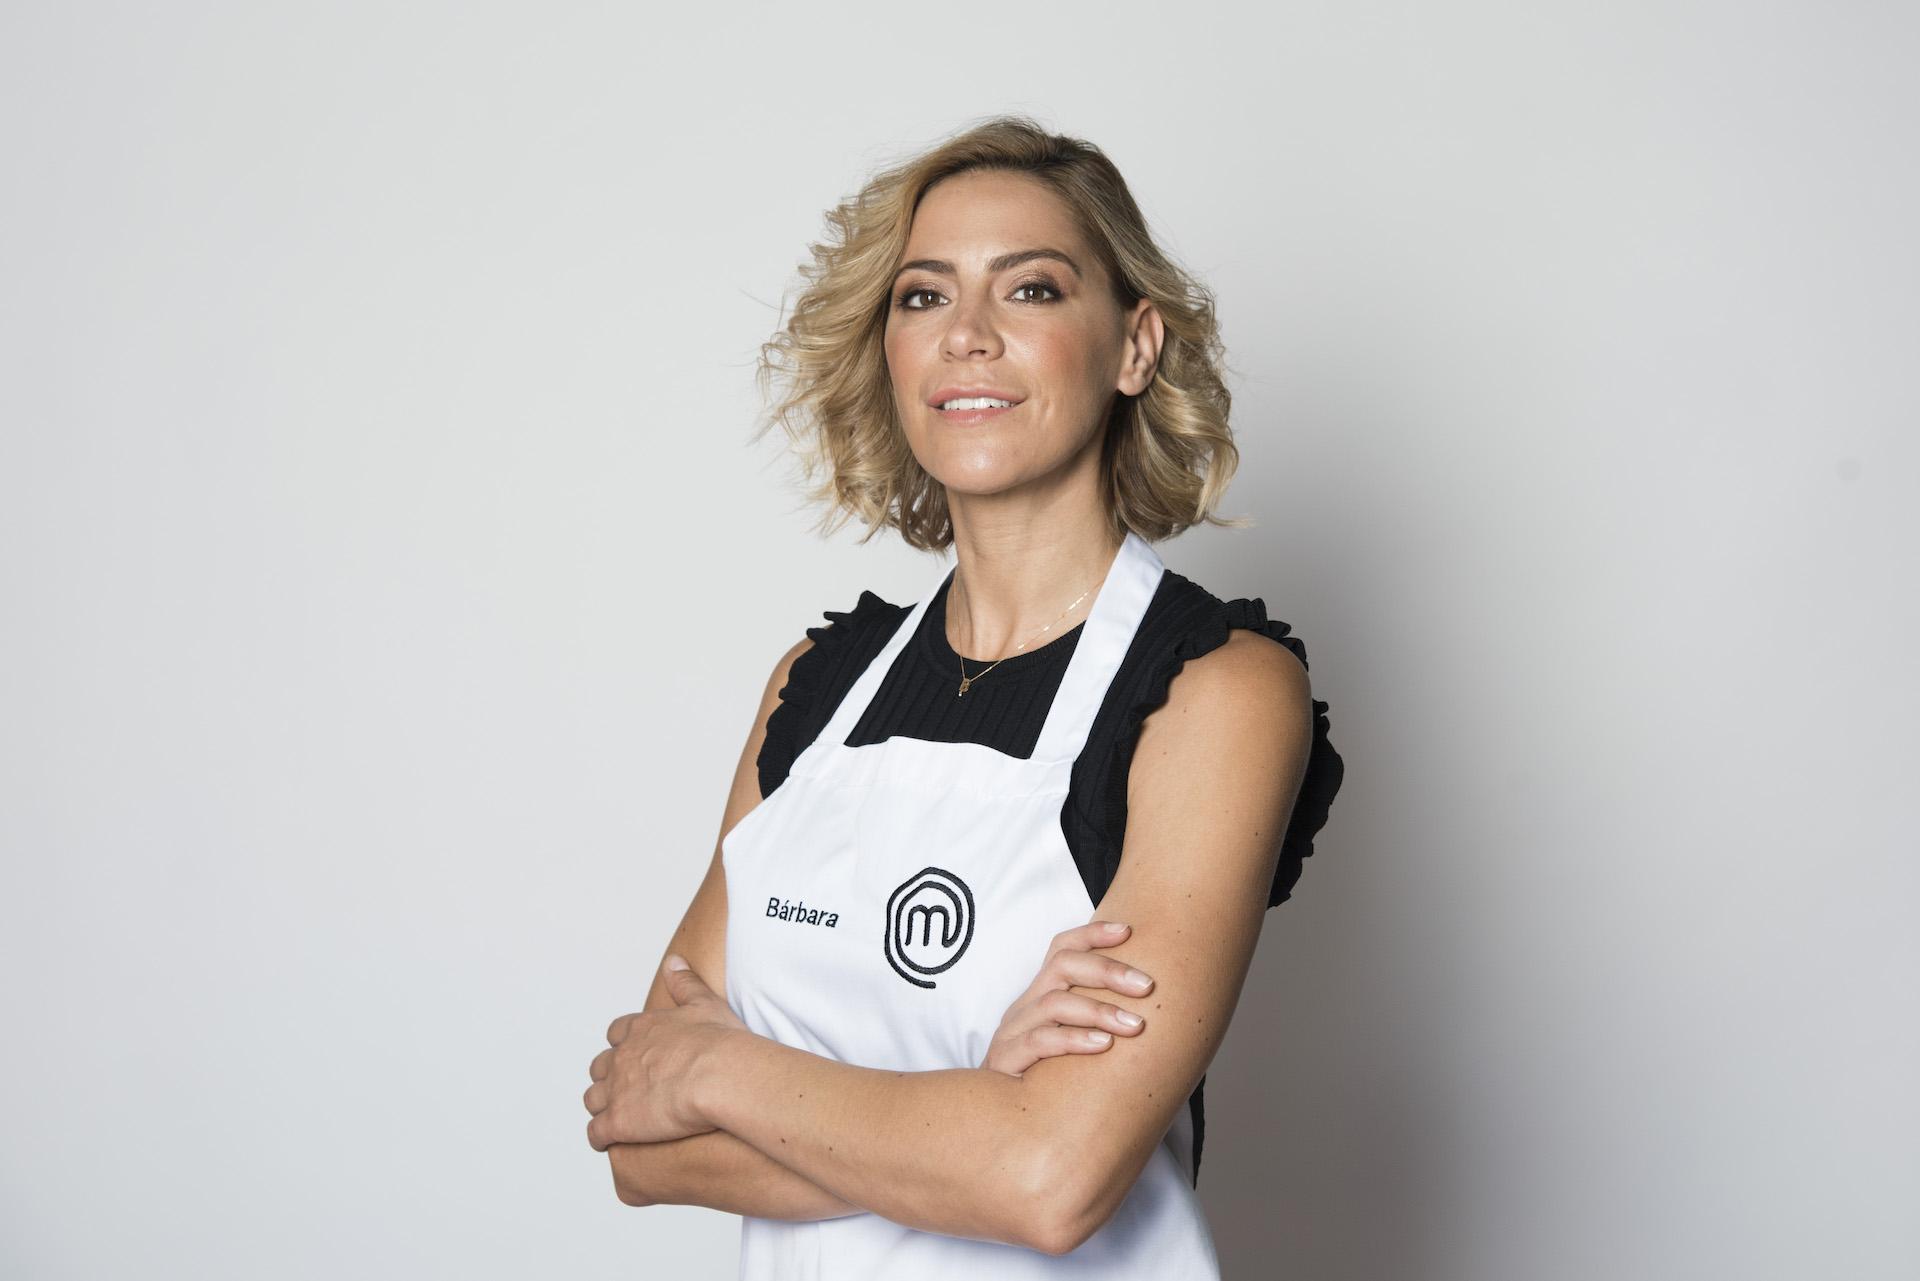 Atv Barbara Taborda Masterchef 2019 Bárbara Taborda Reage Às Acusações De Ter 'Cunhas' No Masterchef Portugal